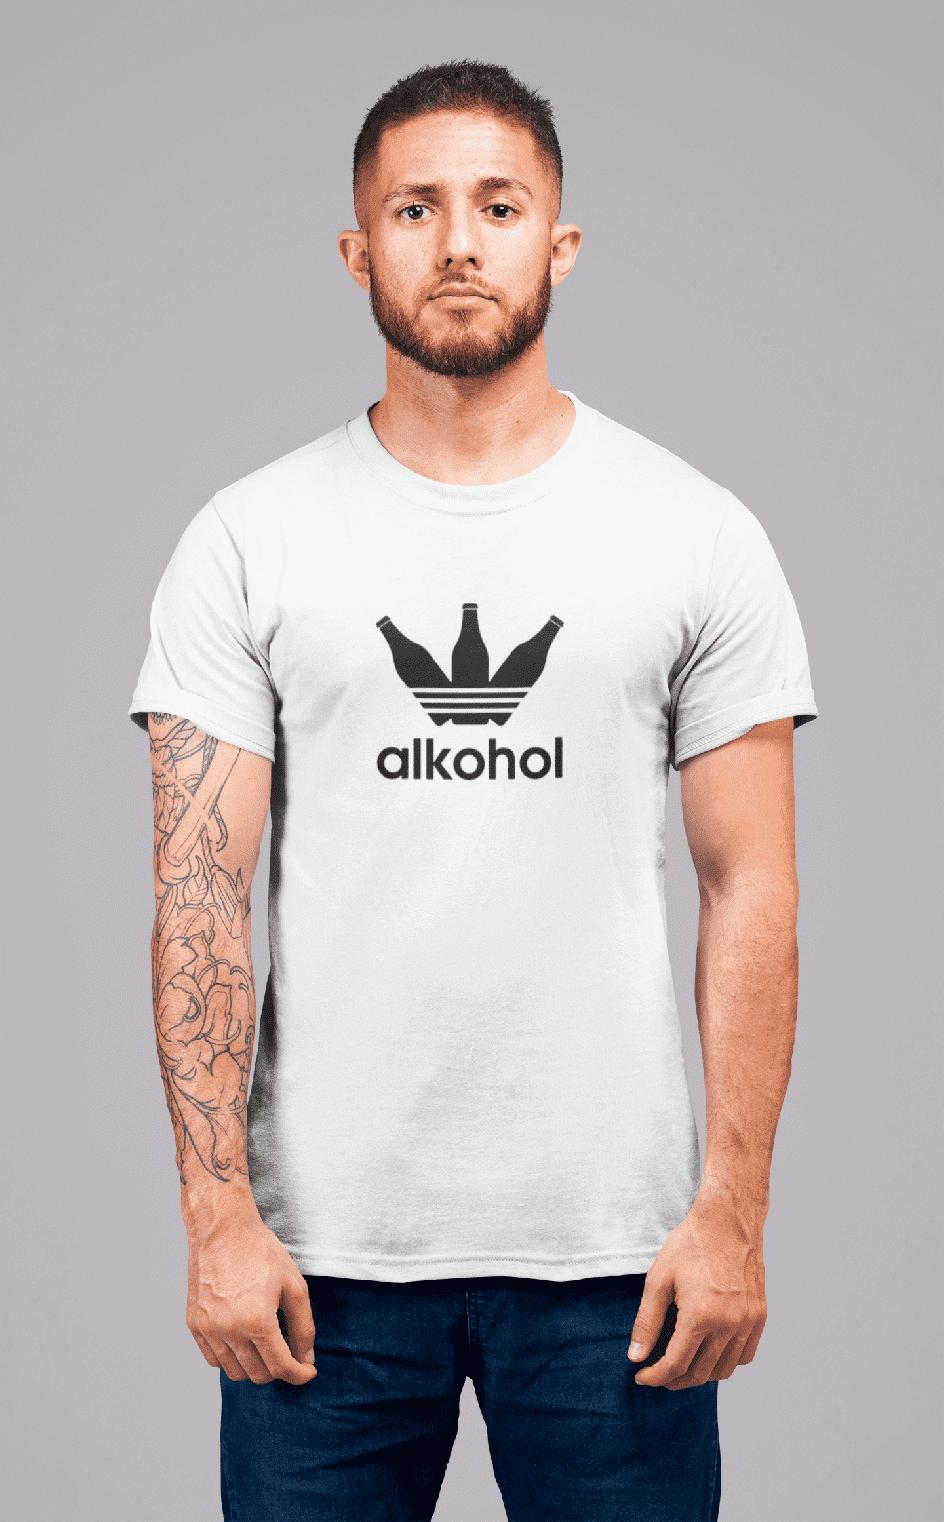 MMO Pánske tričko s Flaškami Vyberte farbu: Biela, Pánska veľkosť: S